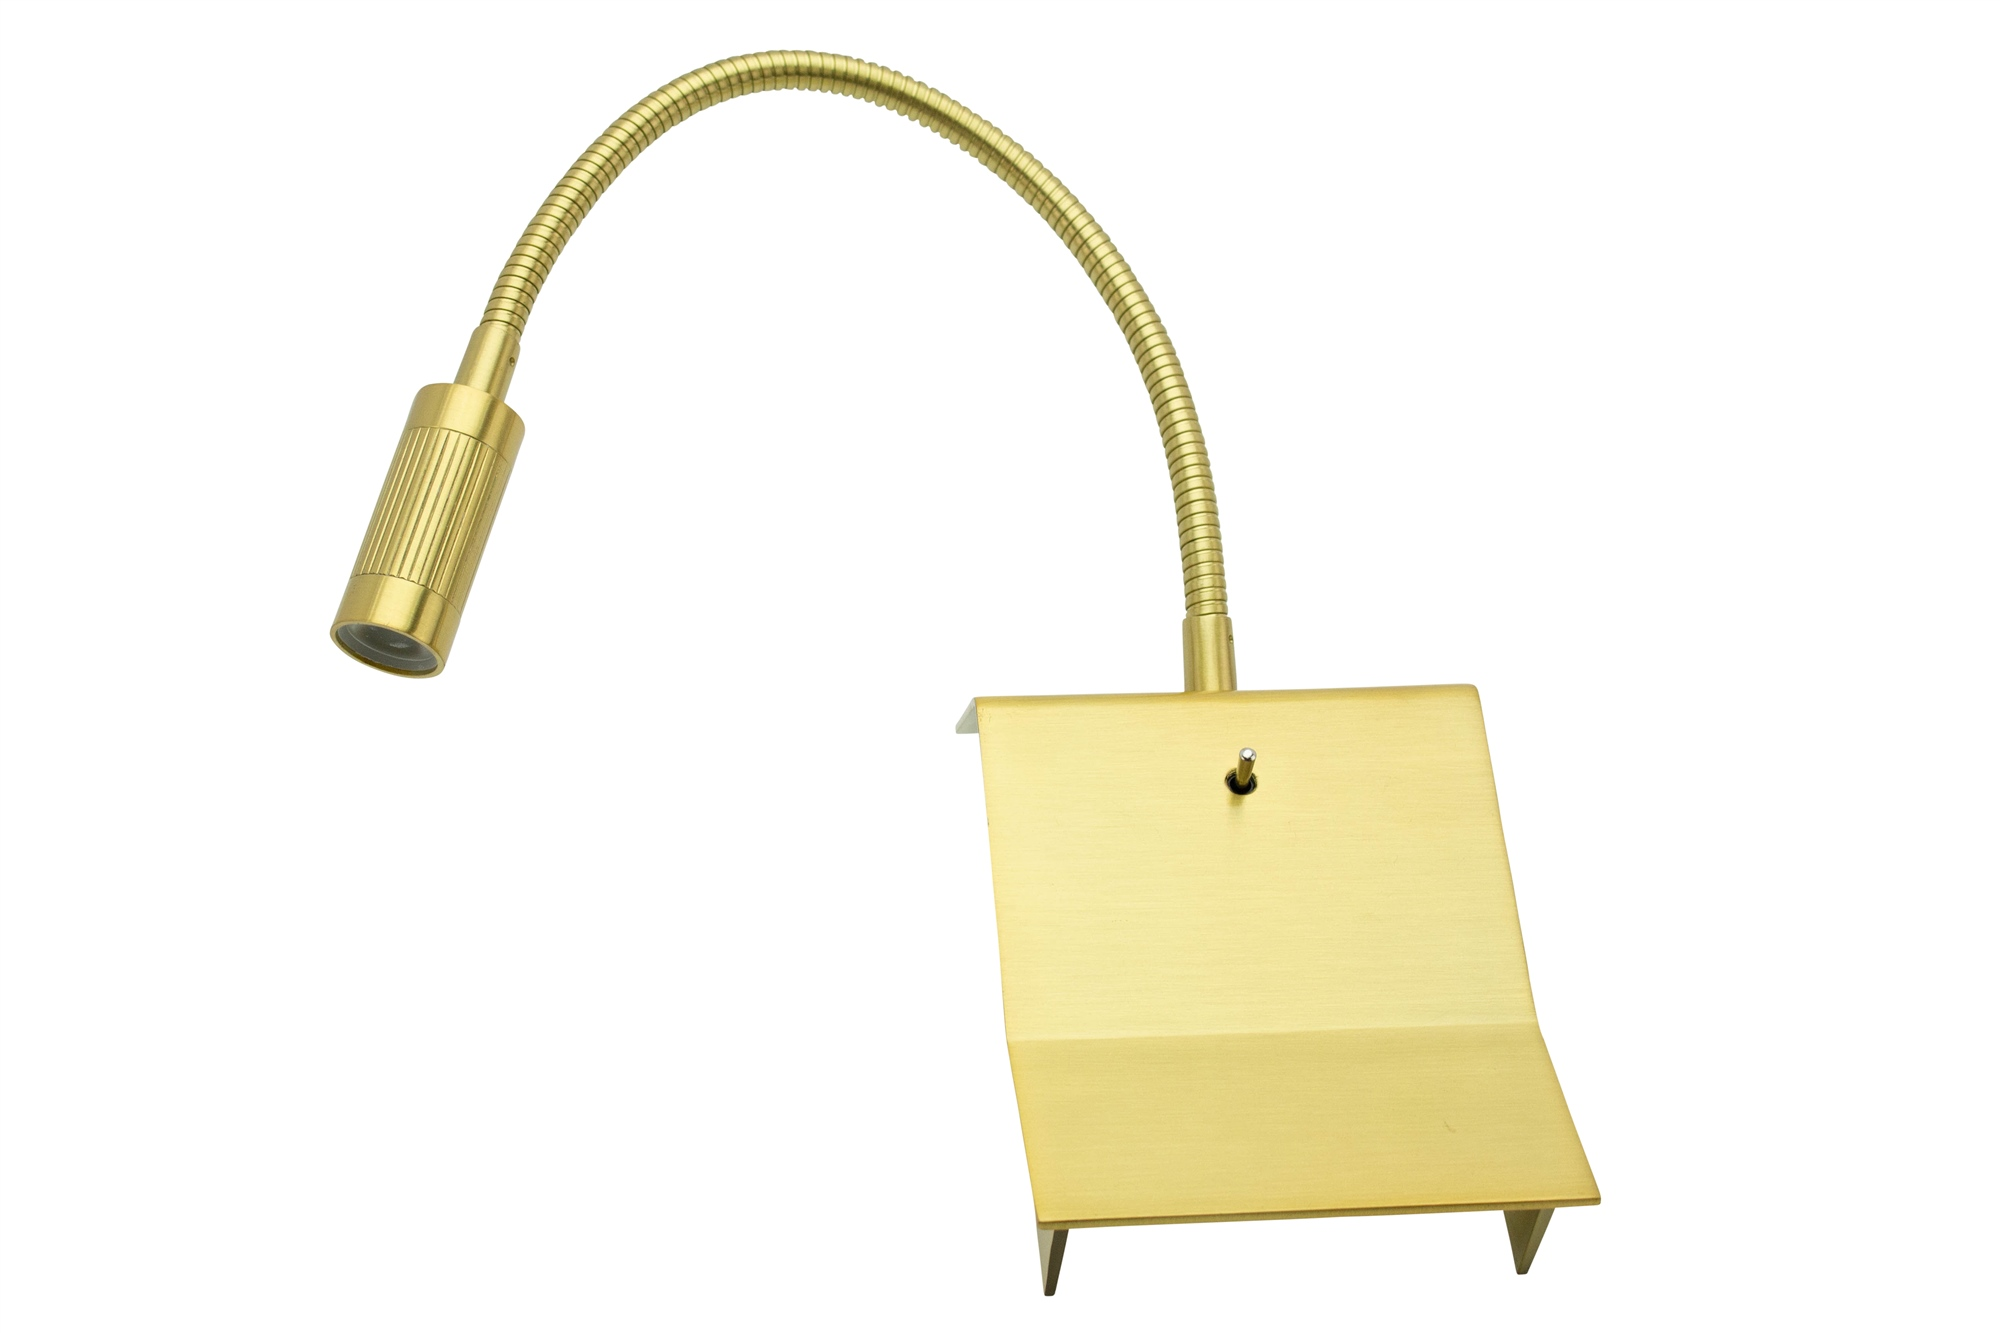 Lampenlux LED Wandlampe Wandleuchte Uno Leselampe Leseleuchte Downlight Schalter Schwanenhals Flexiarm Bettleuchte Bettlampe Gold